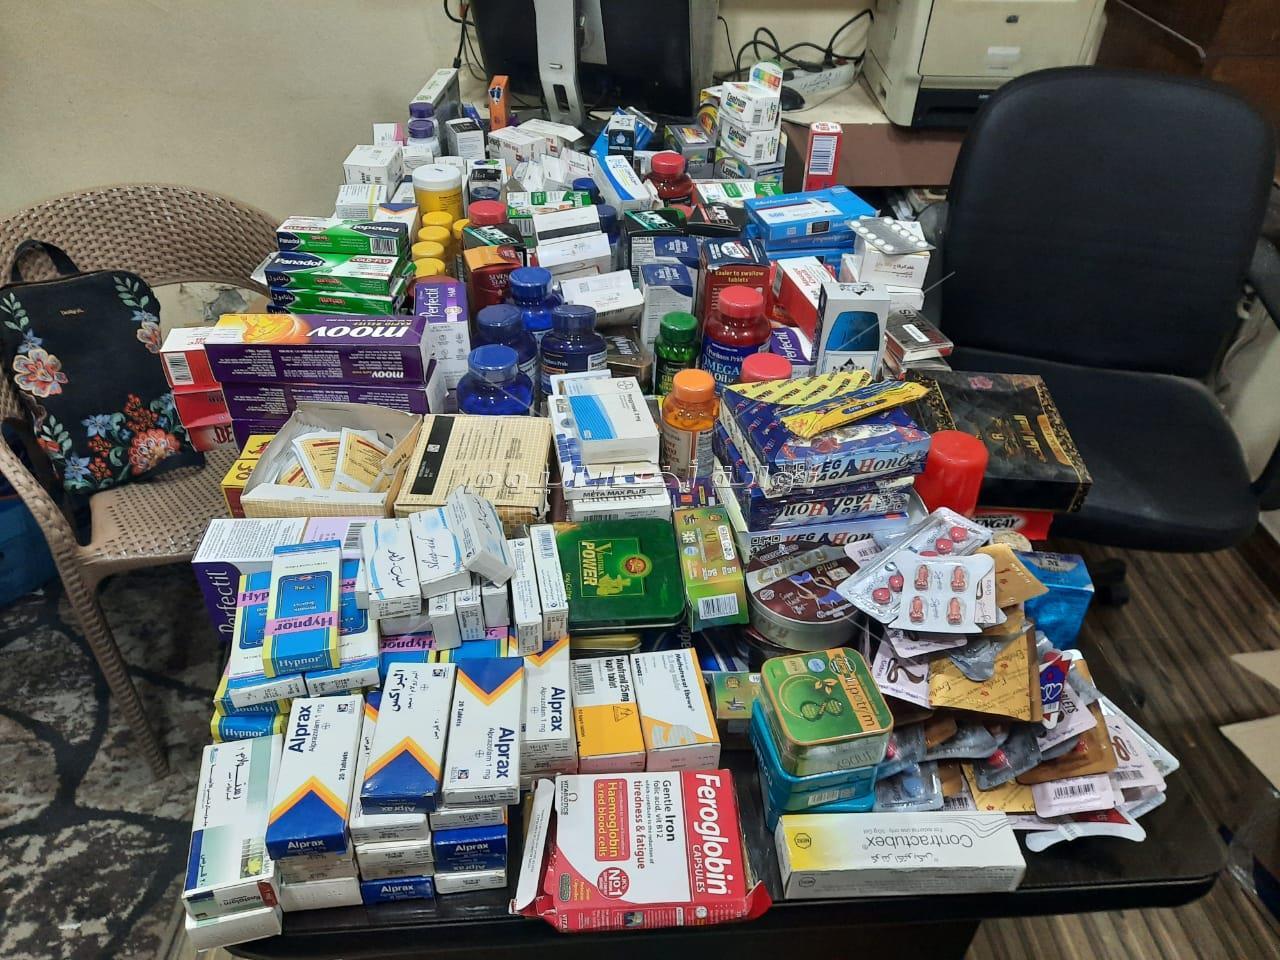 ضبط أدوية مخدرة داخل صيدلية شهيرة بعين شمس